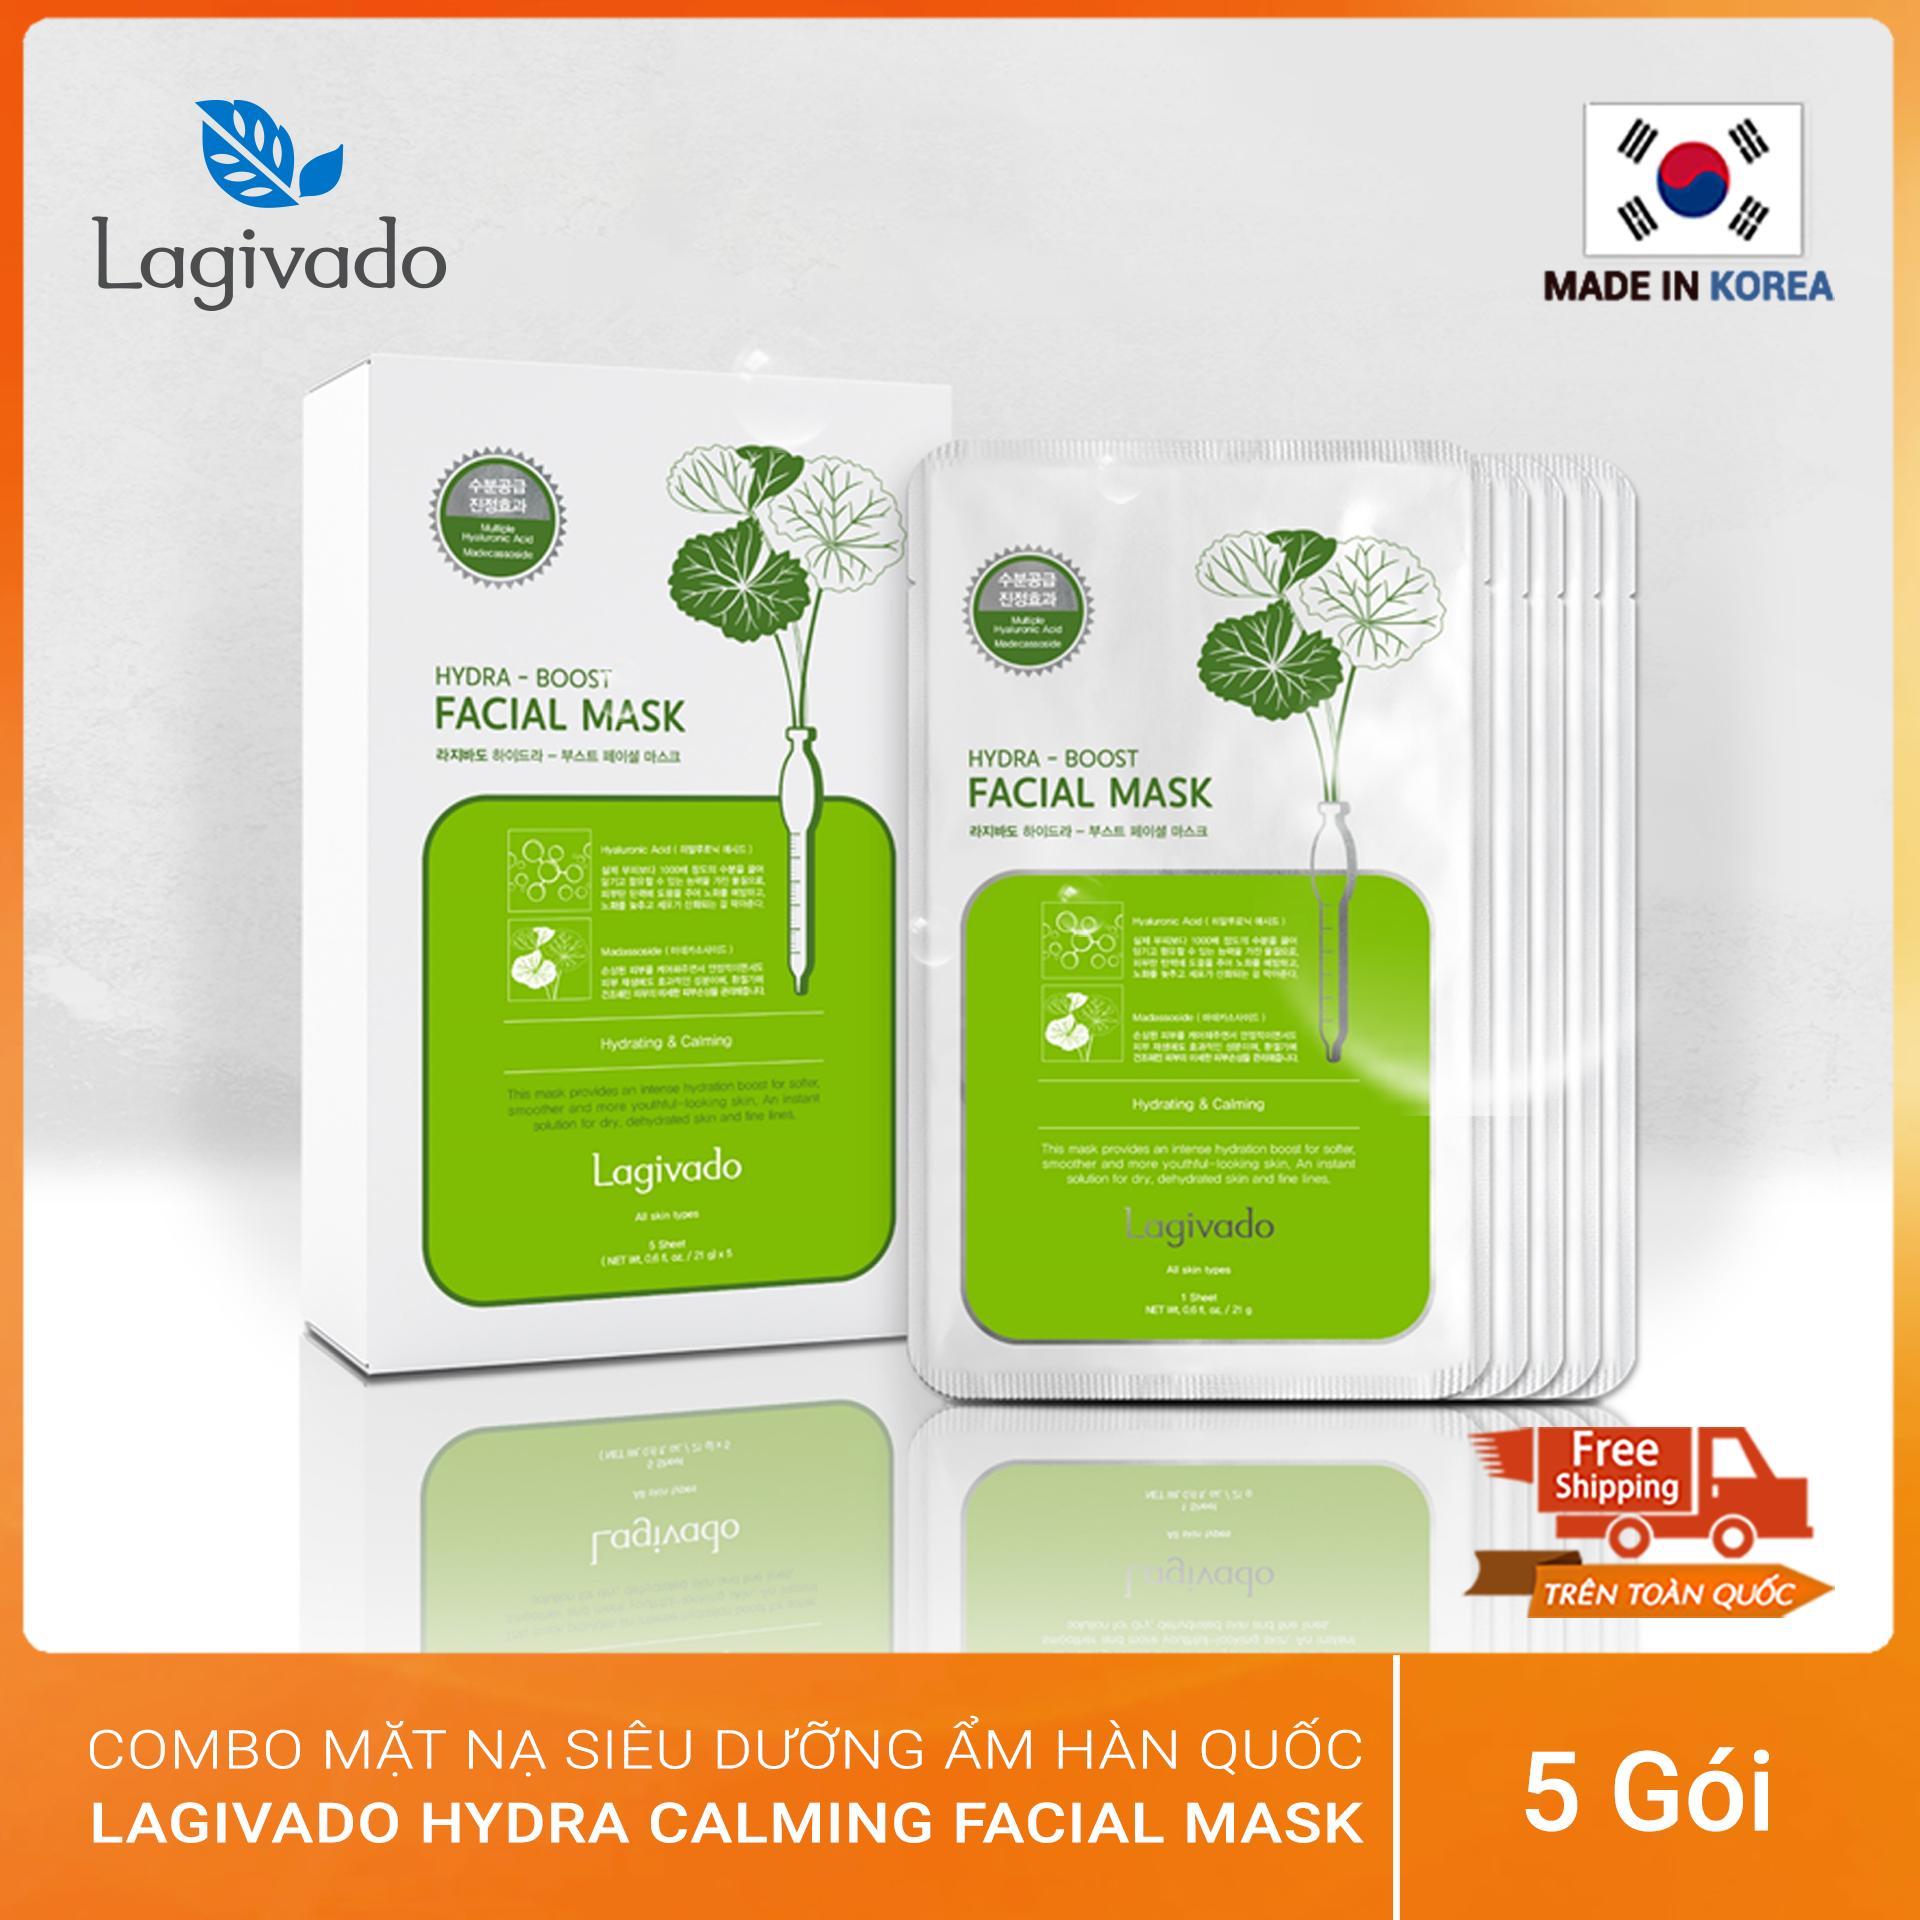 Combo 05 mặt nạ dưỡng da siêu dưỡng ẩm, làm dịu da cho làn da căng bóng và mềm mịn Hàn Quốc Lagivado Hydra Calming Facial Mask